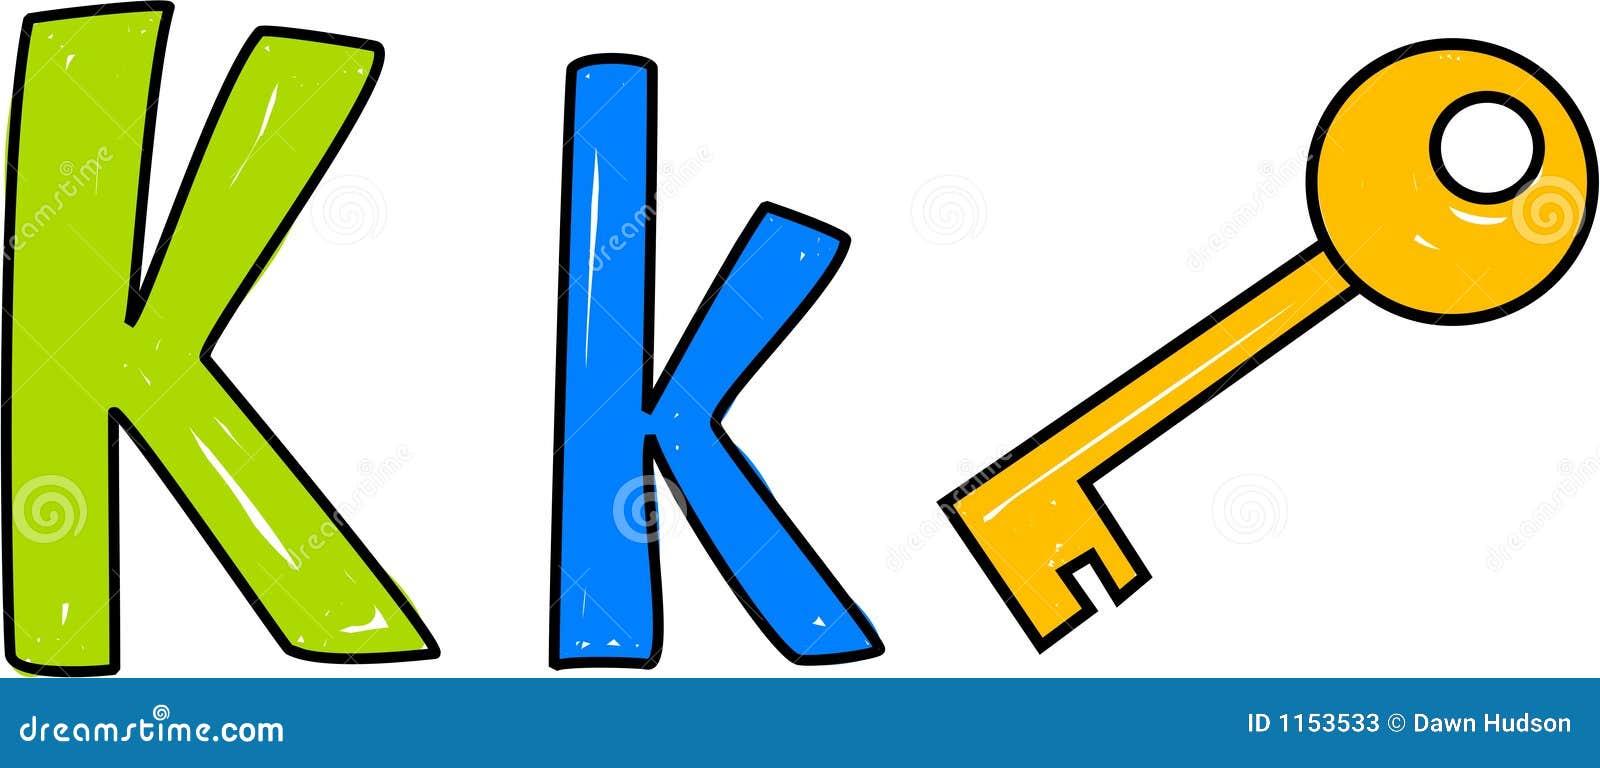 k is for key stock vector illustration of kindergarten 1153533